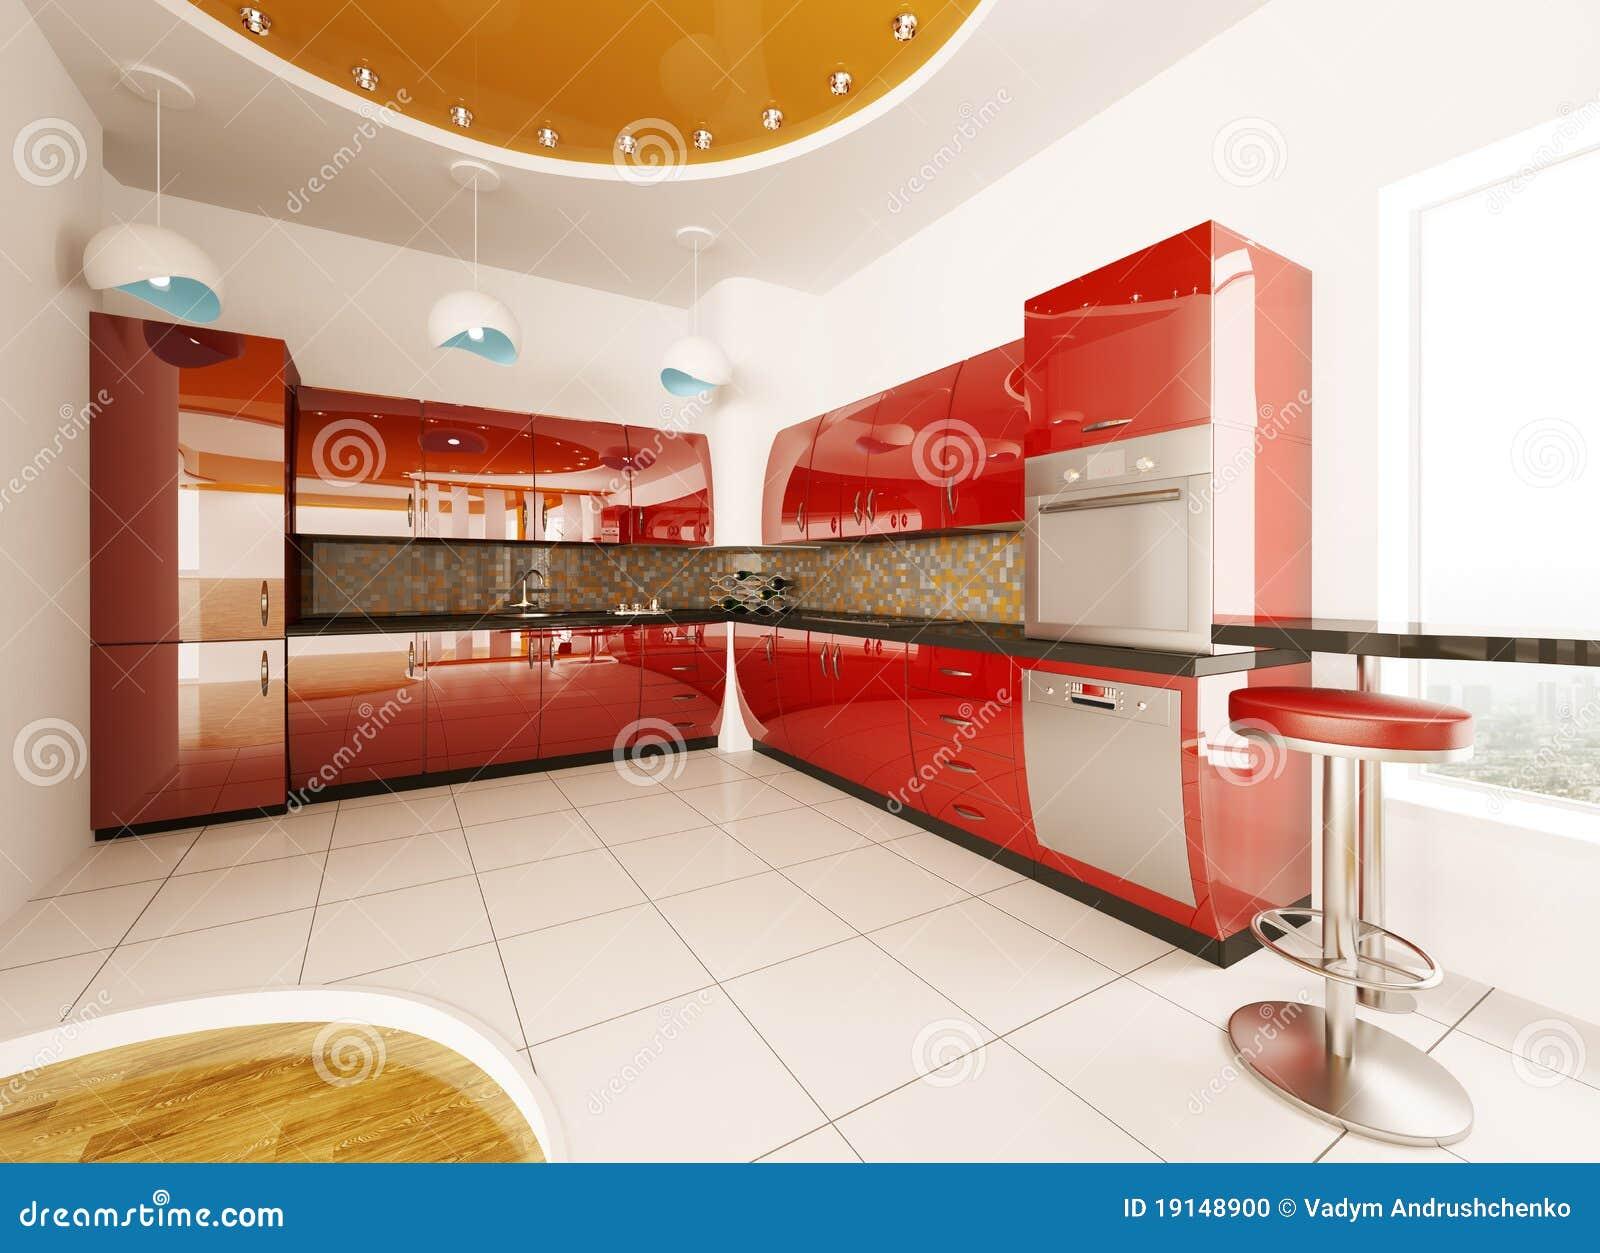 projeto interior da cozinha vermelha moderna 3d rende. #AF2C1C 1300 1035